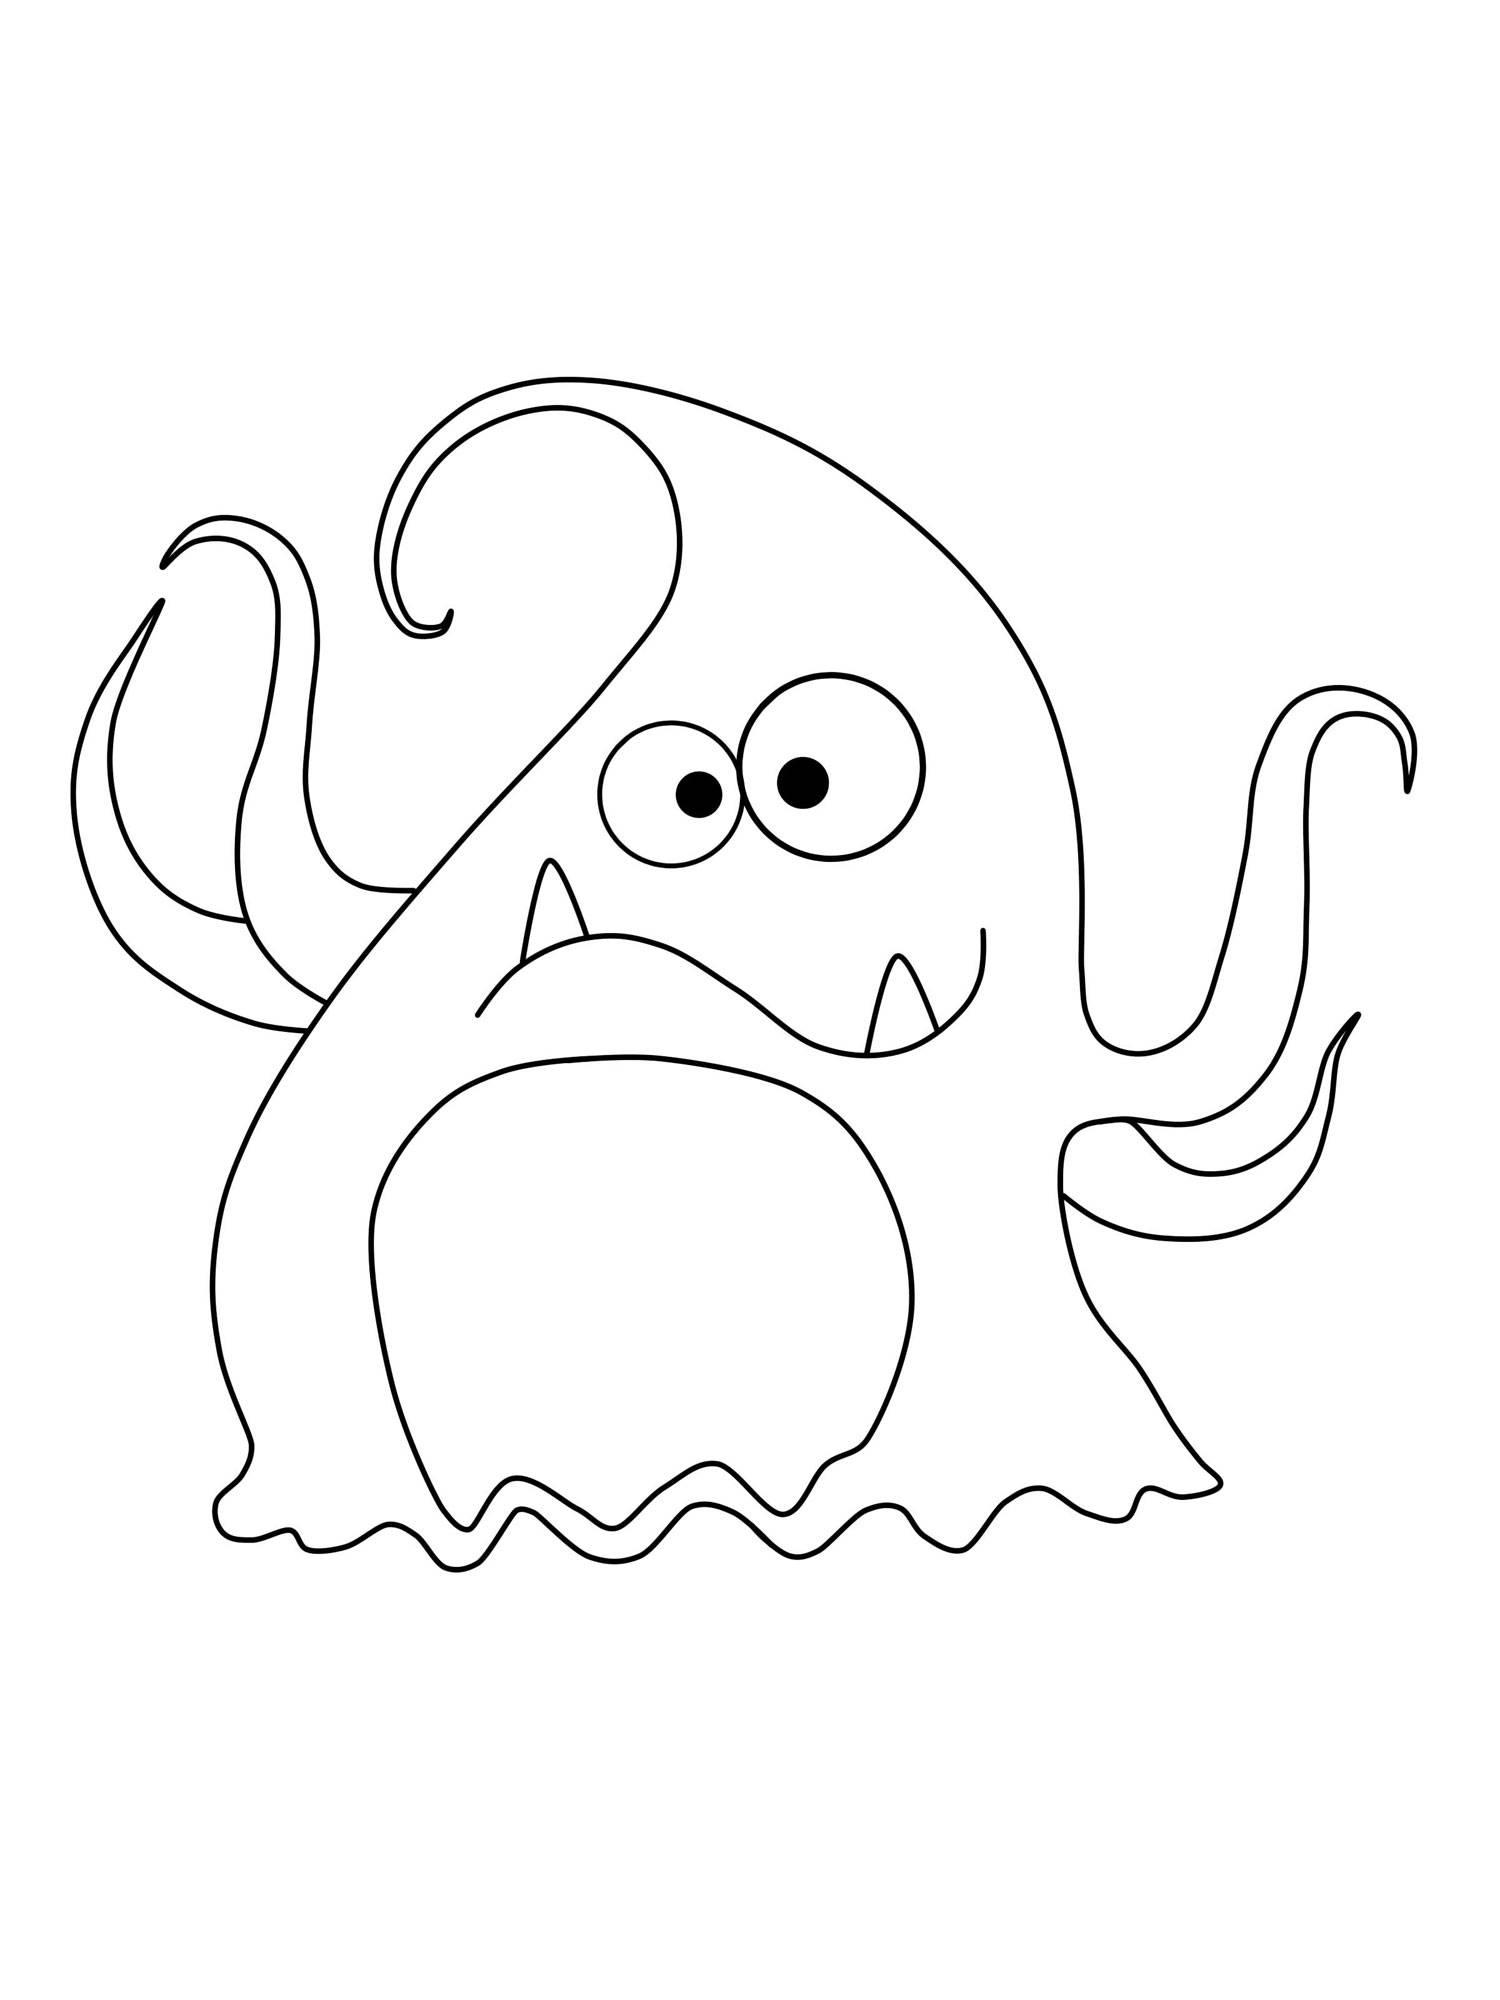 Kostenlose Malvorlage Halloween: Tentakel-Monster zum Ausmalen